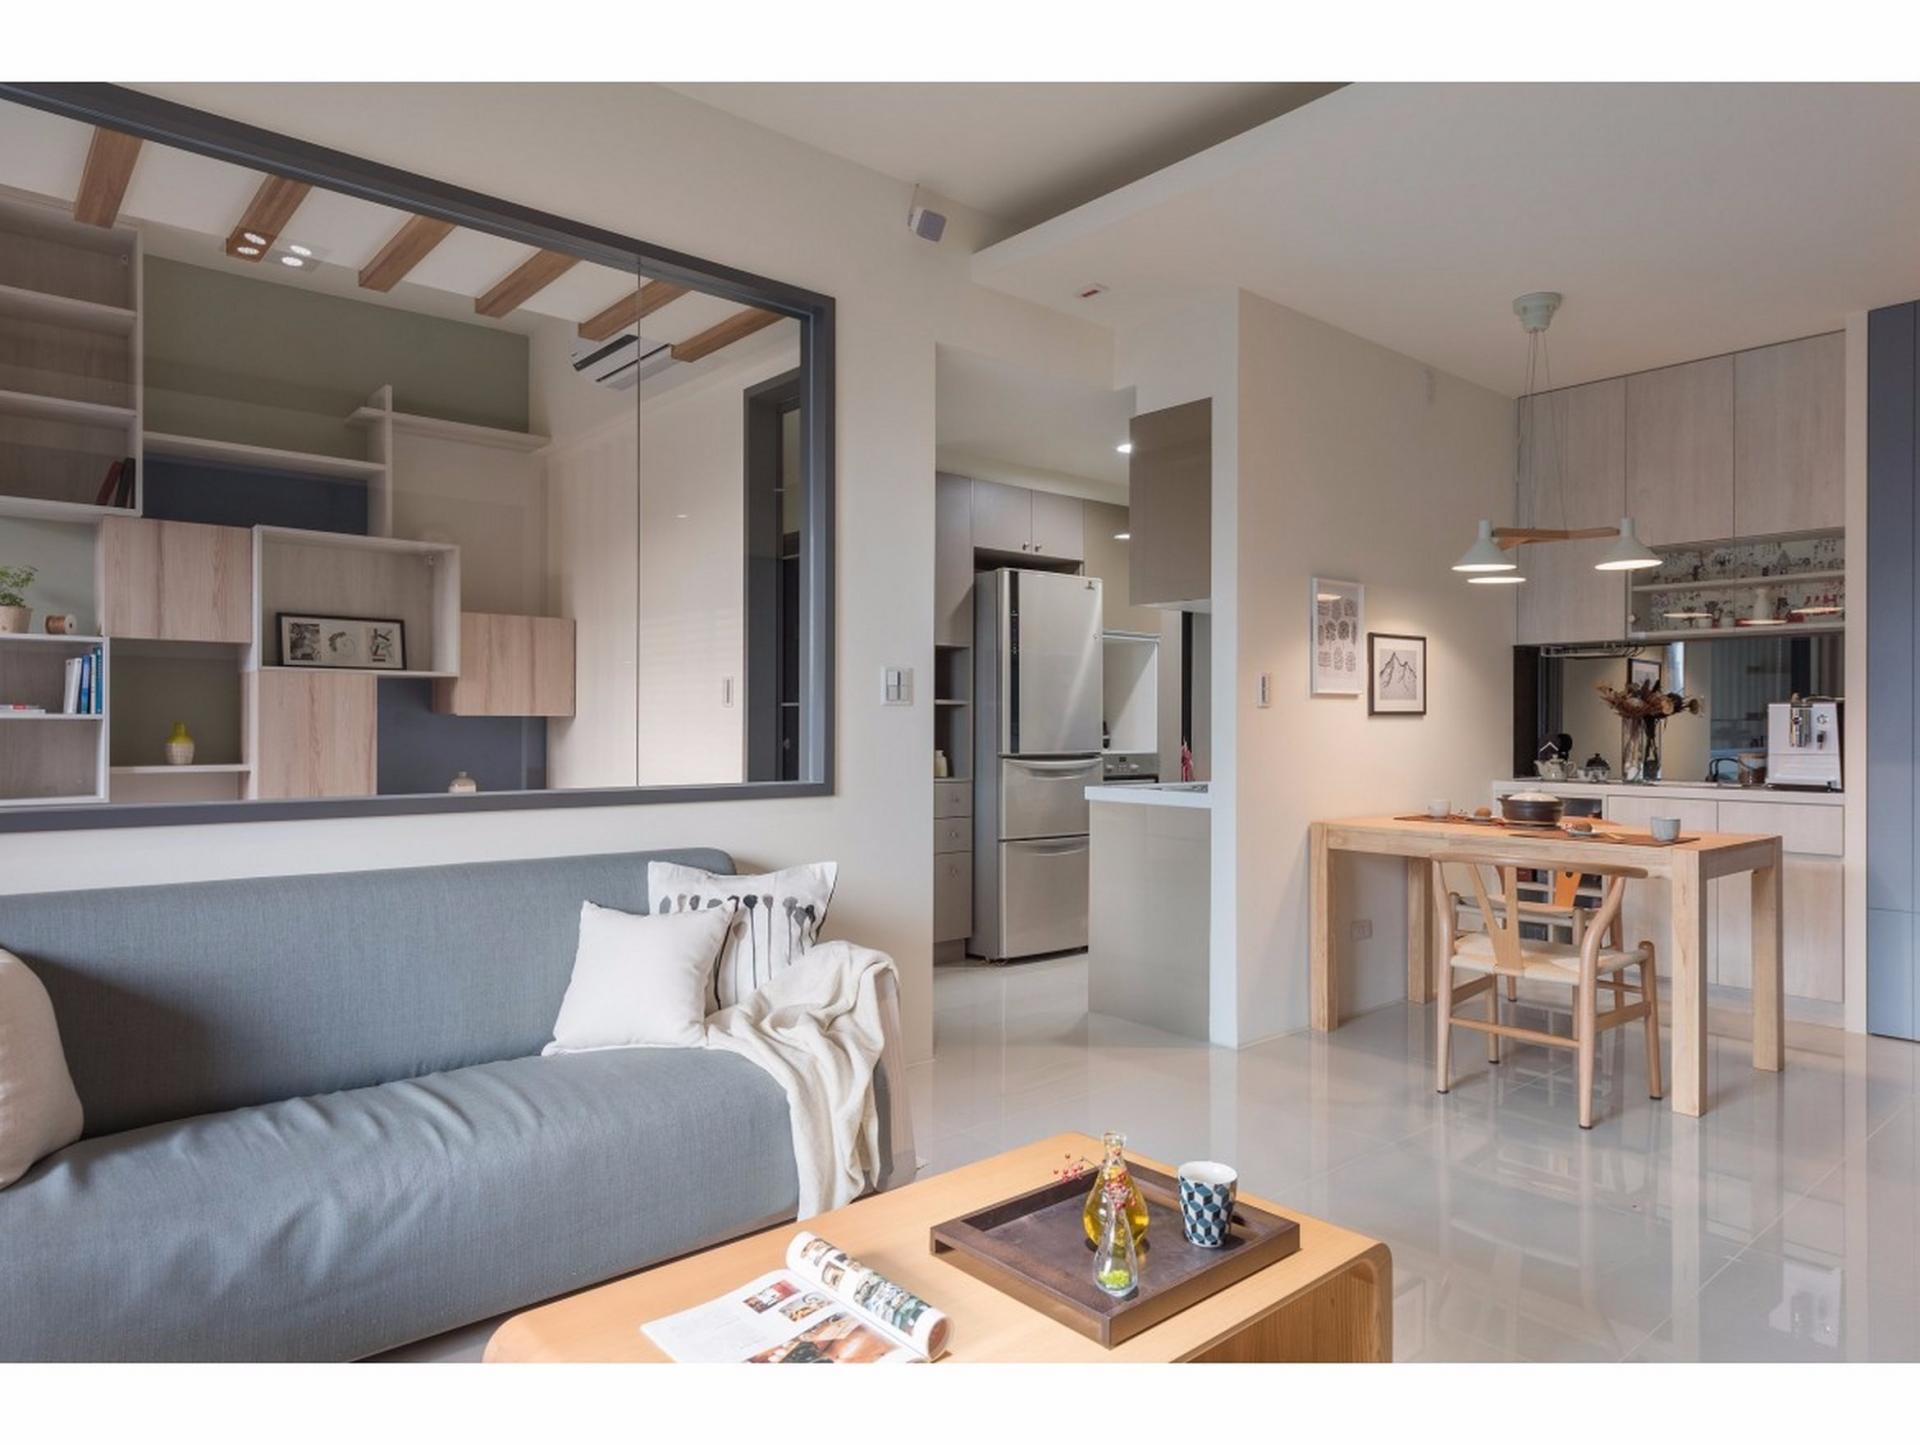 56平米单身小公寓图_2